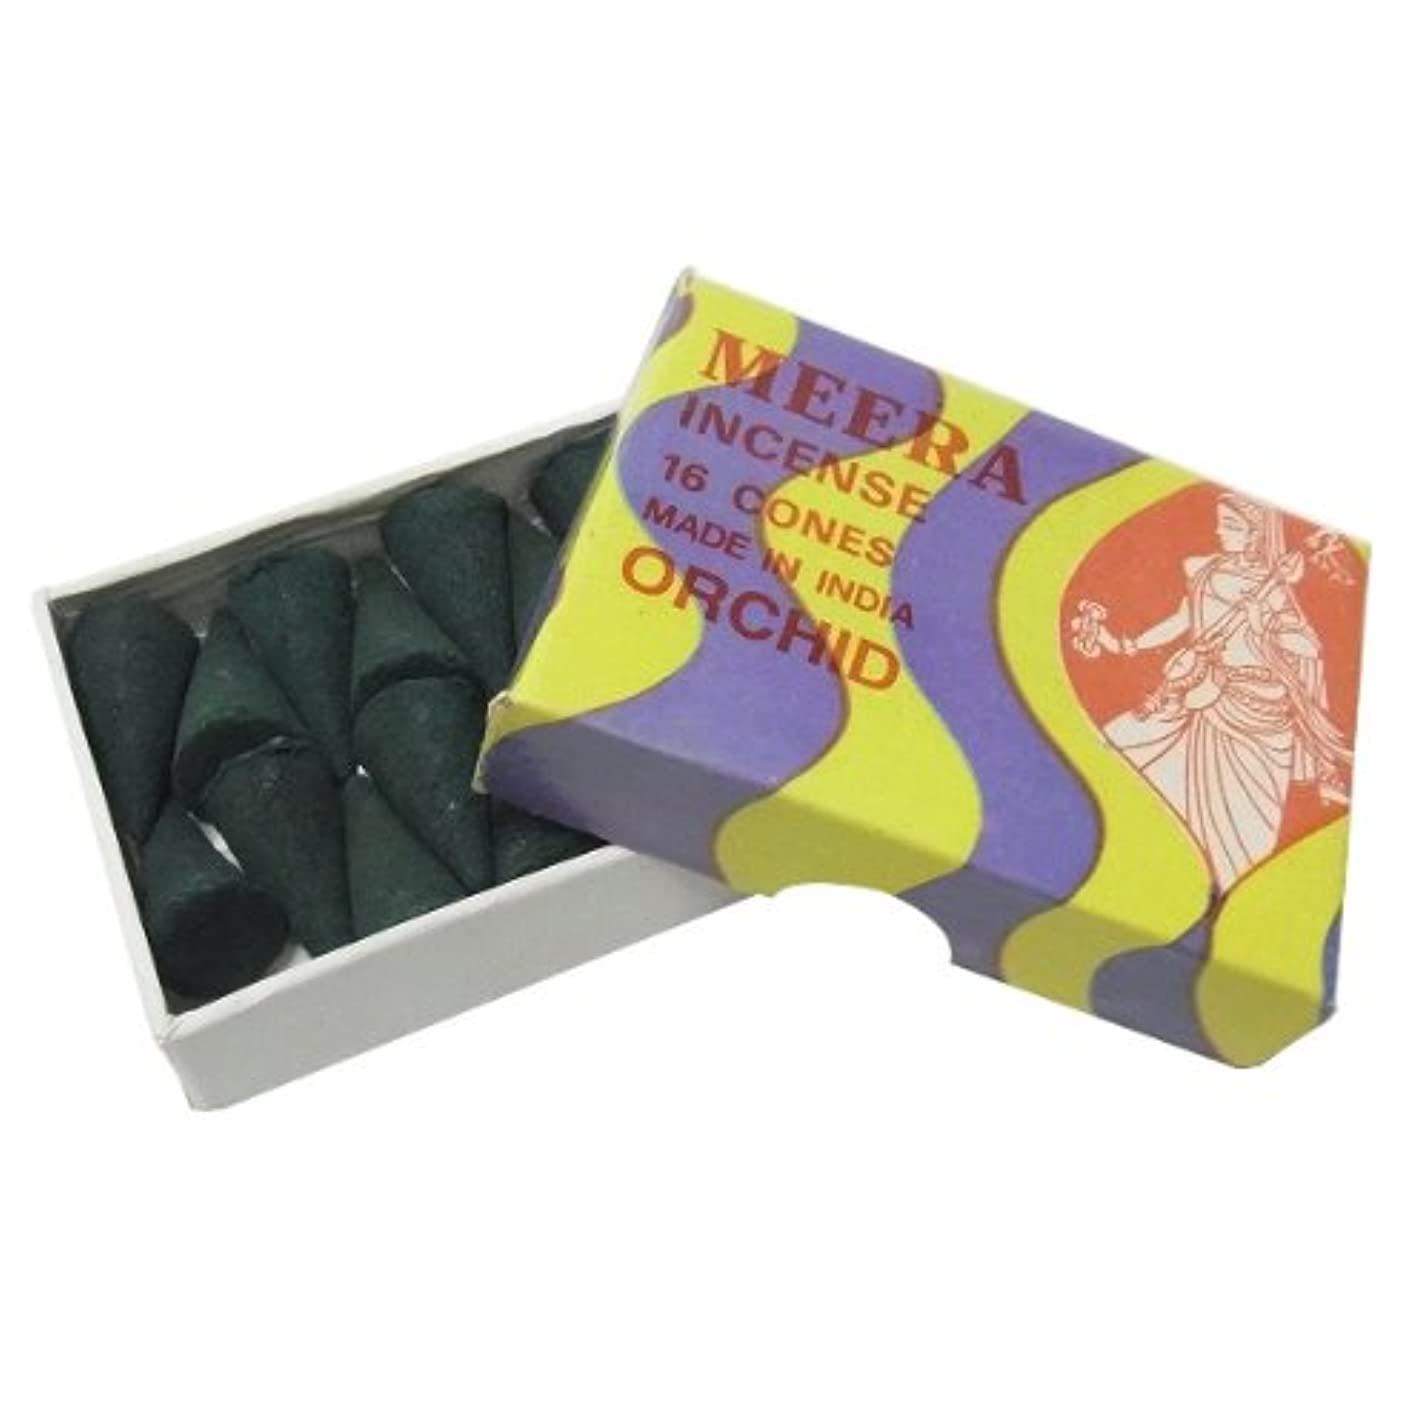 瞑想時計回り意識的オーキッドのお香(MEERA) コーン型お香 インド香